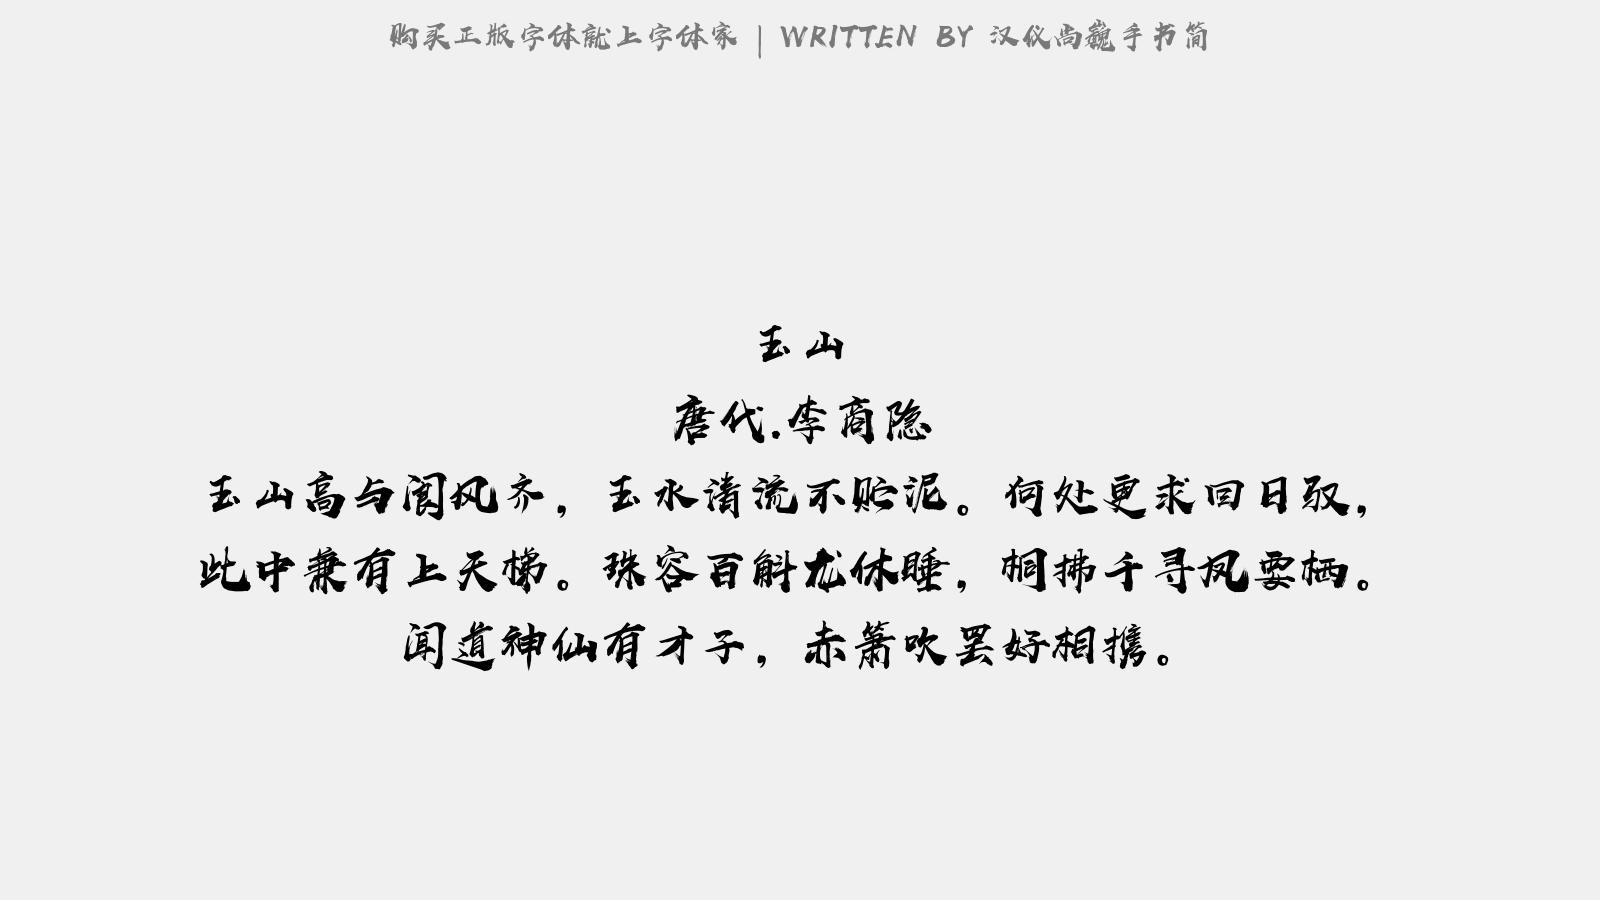 漢儀尚巍手書簡 - 滿江紅(壽江古心母)